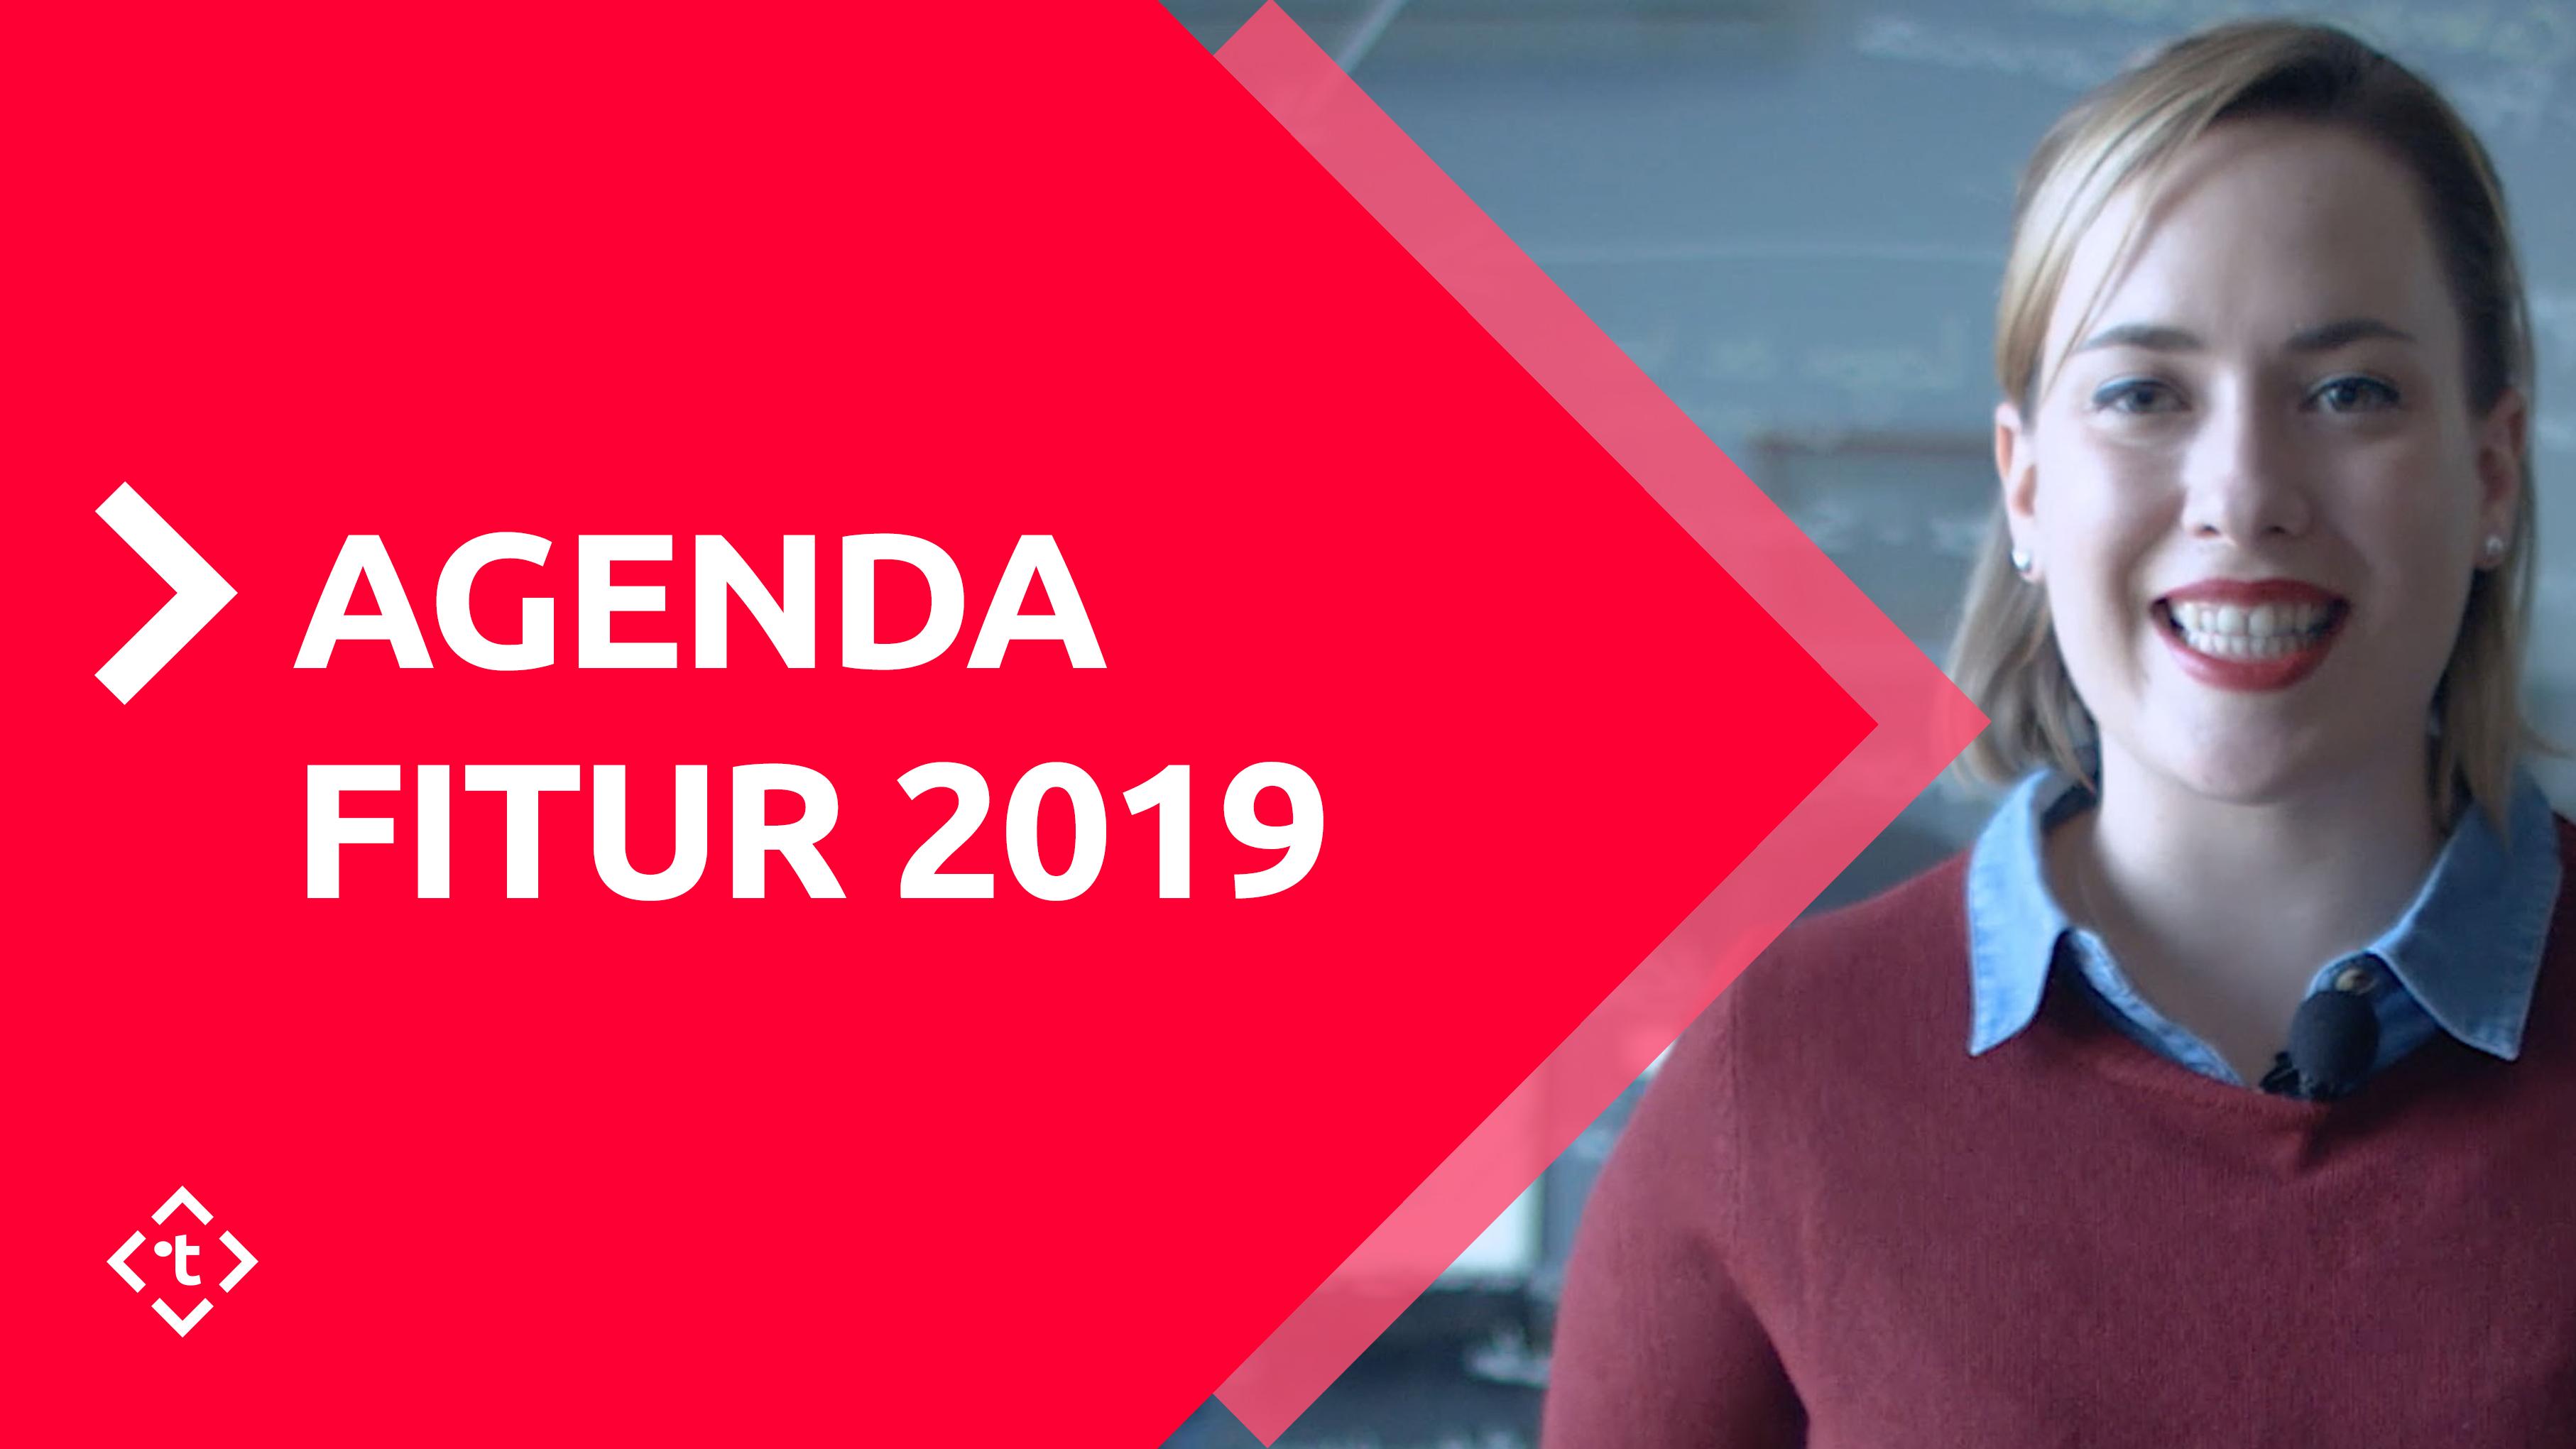 AGENDA FITUR 2019